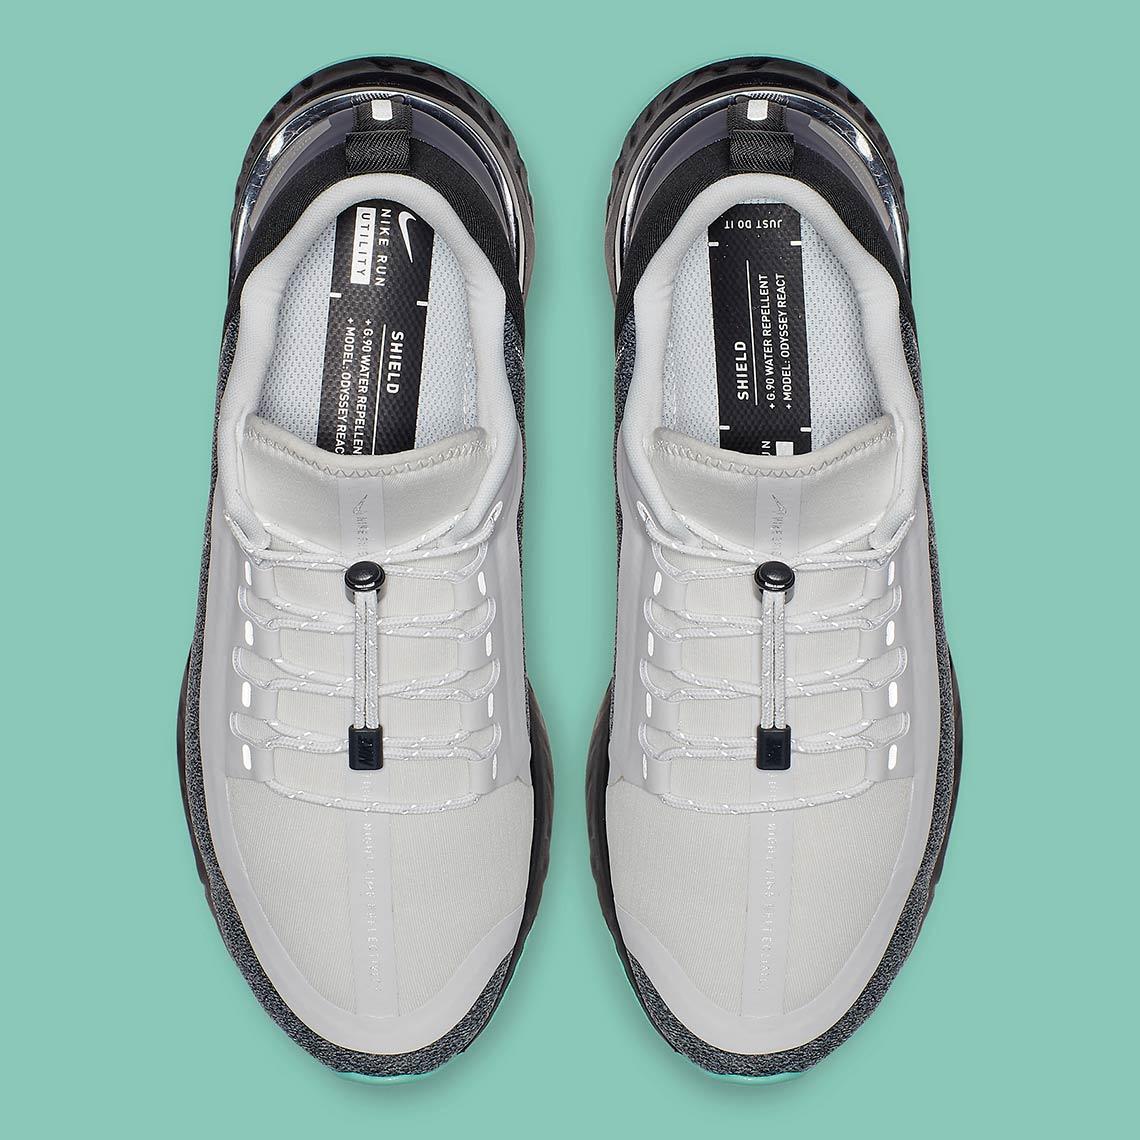 online store 8db87 8dd17 Nike Odyssey React Shield AA1635-100 Release Date ...